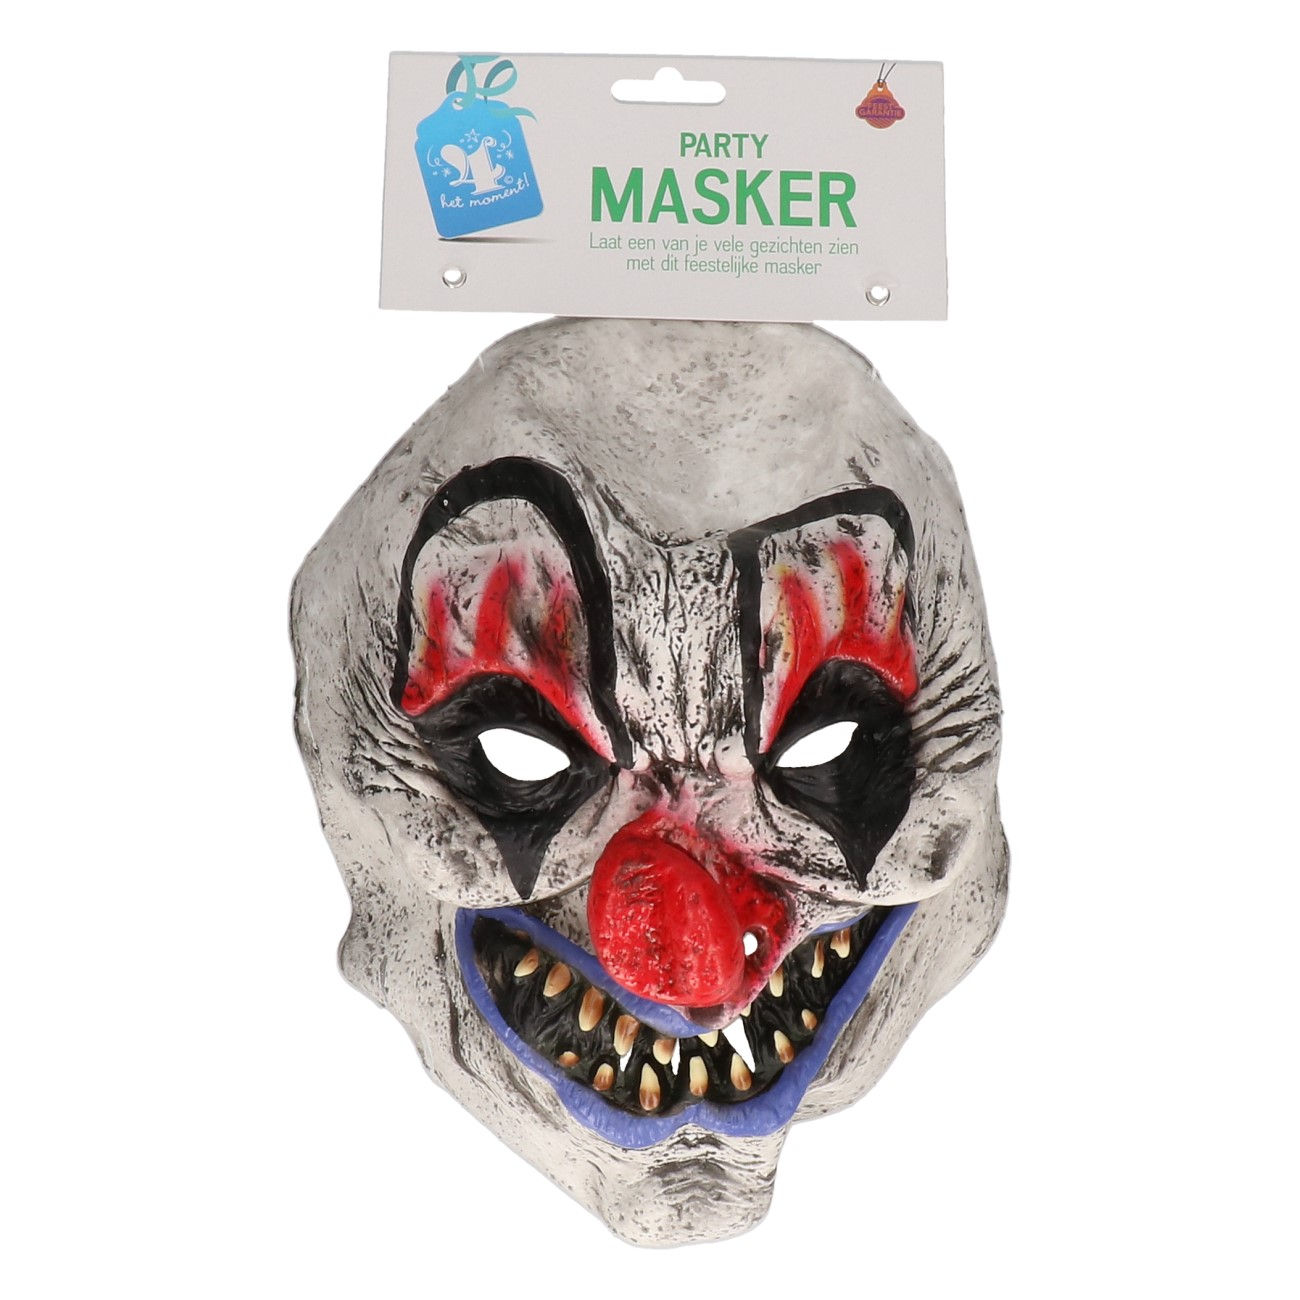 Masker clown #435